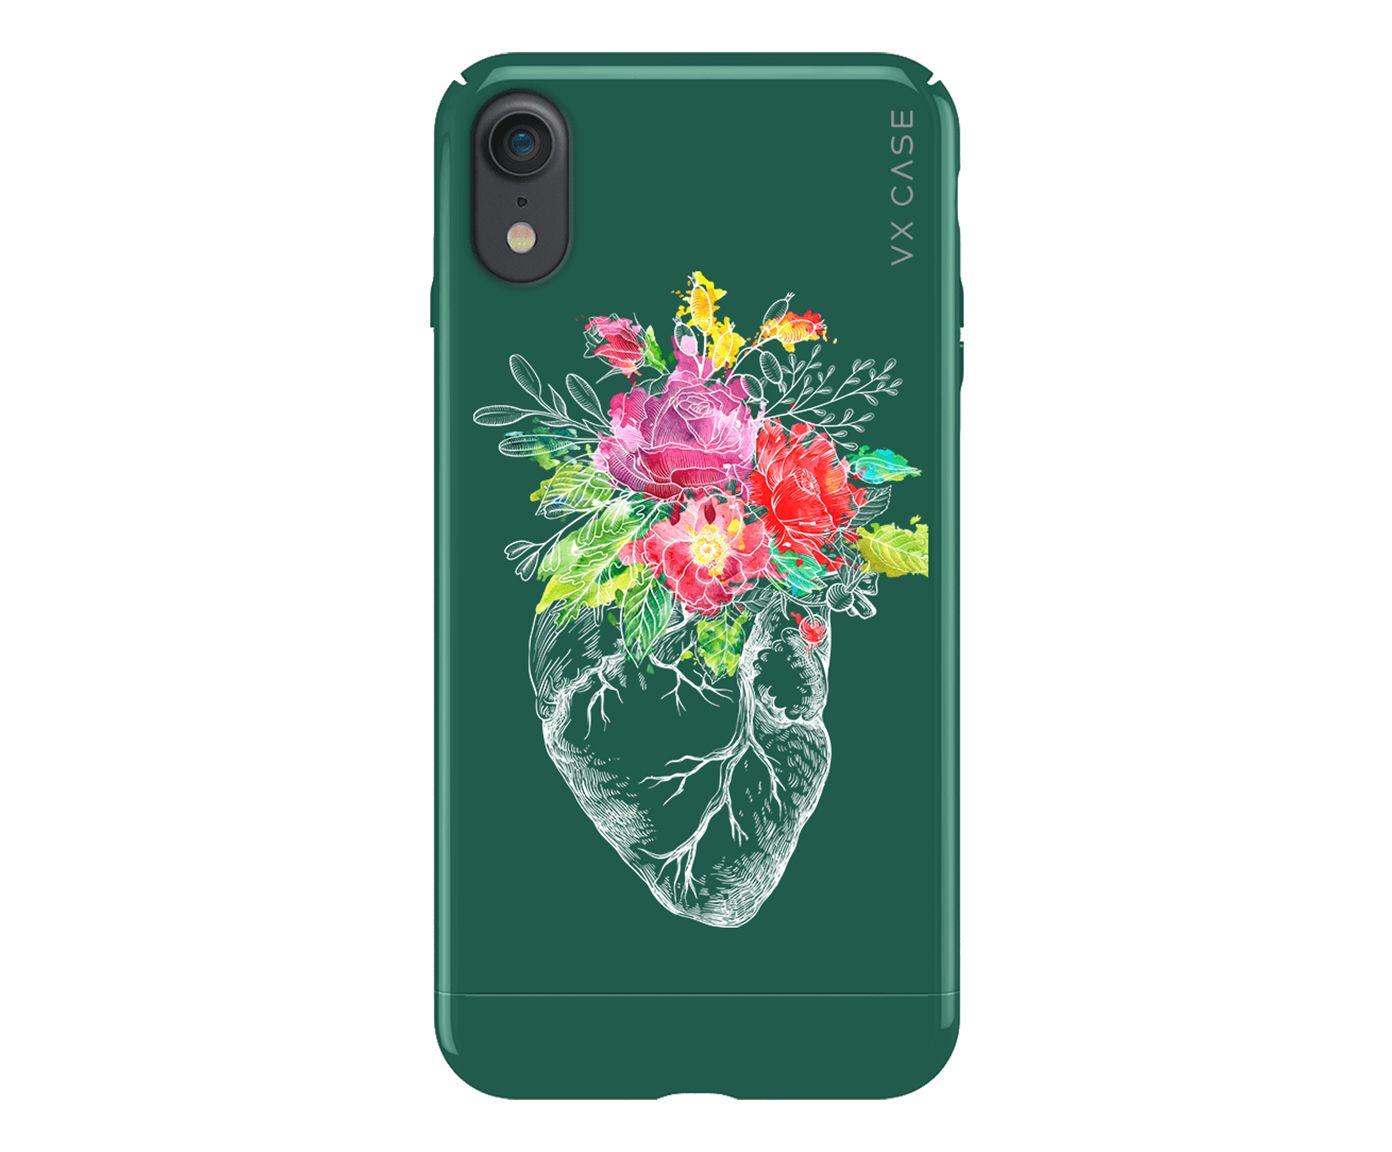 Capa Envernizada Vx Case Iphone 7/8/Se2 Sping Garden